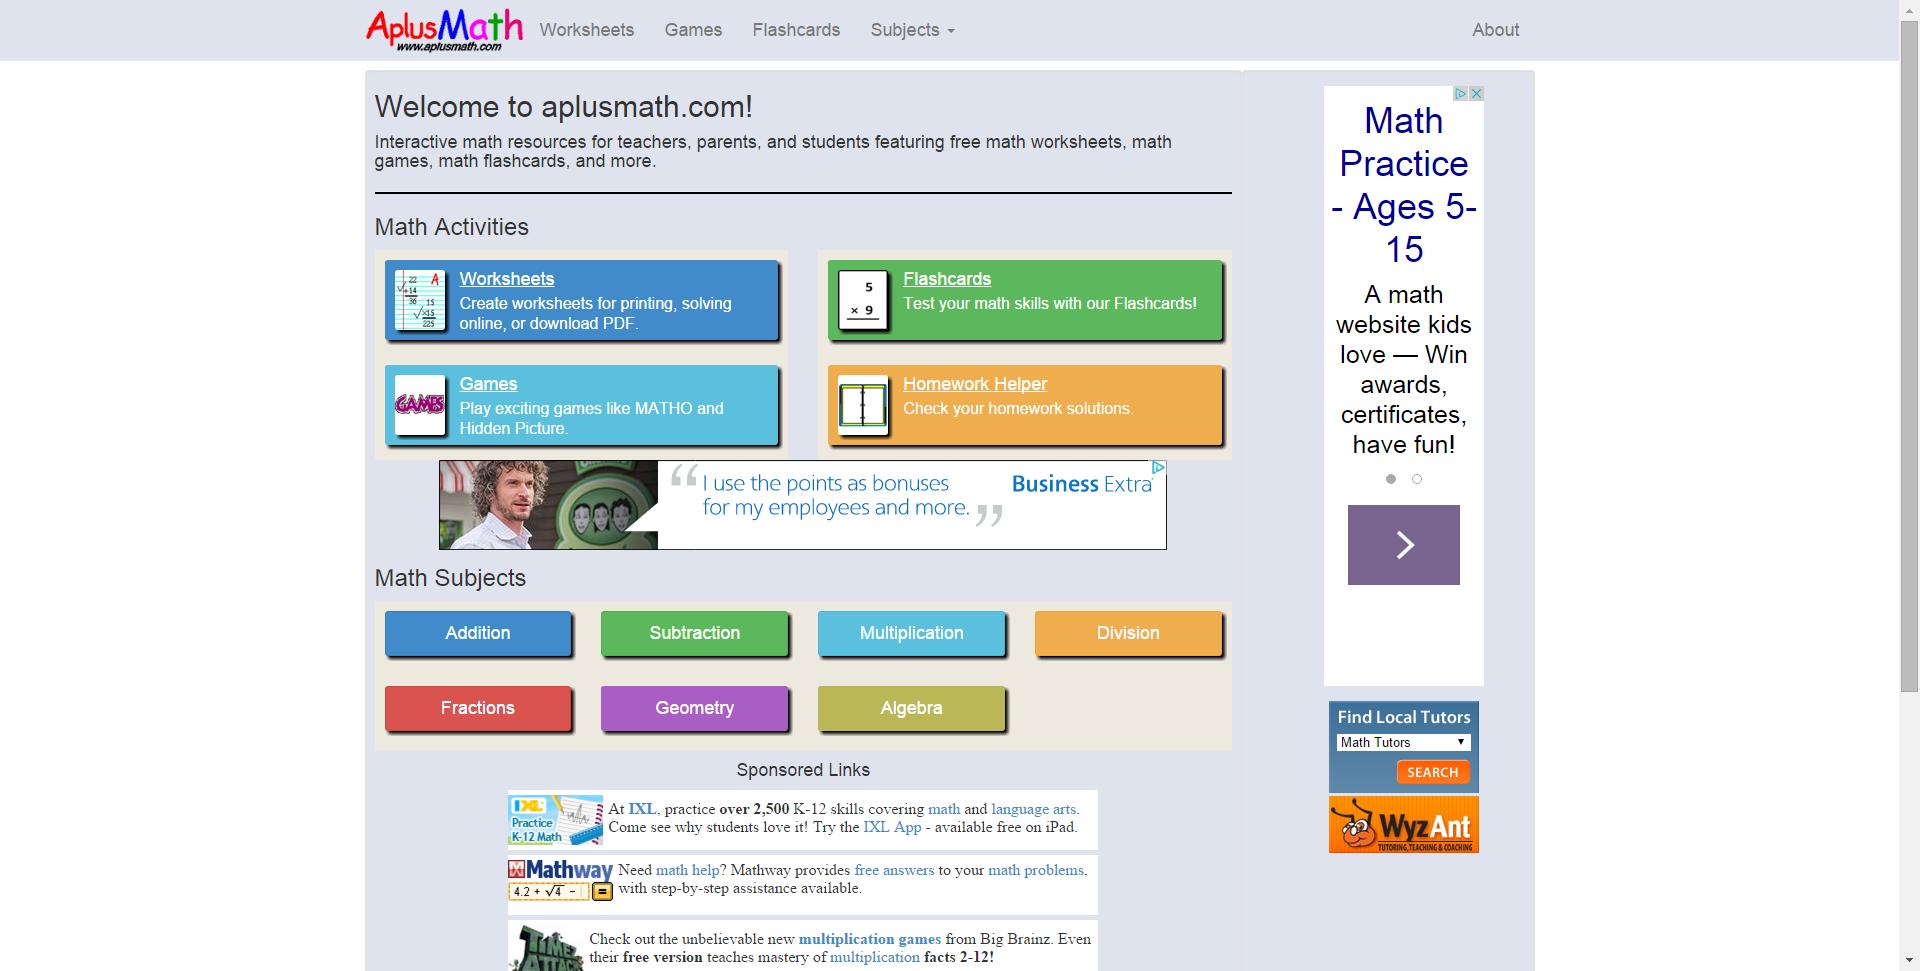 Aplusmath - Free Math Worksheets, Math Games, Math